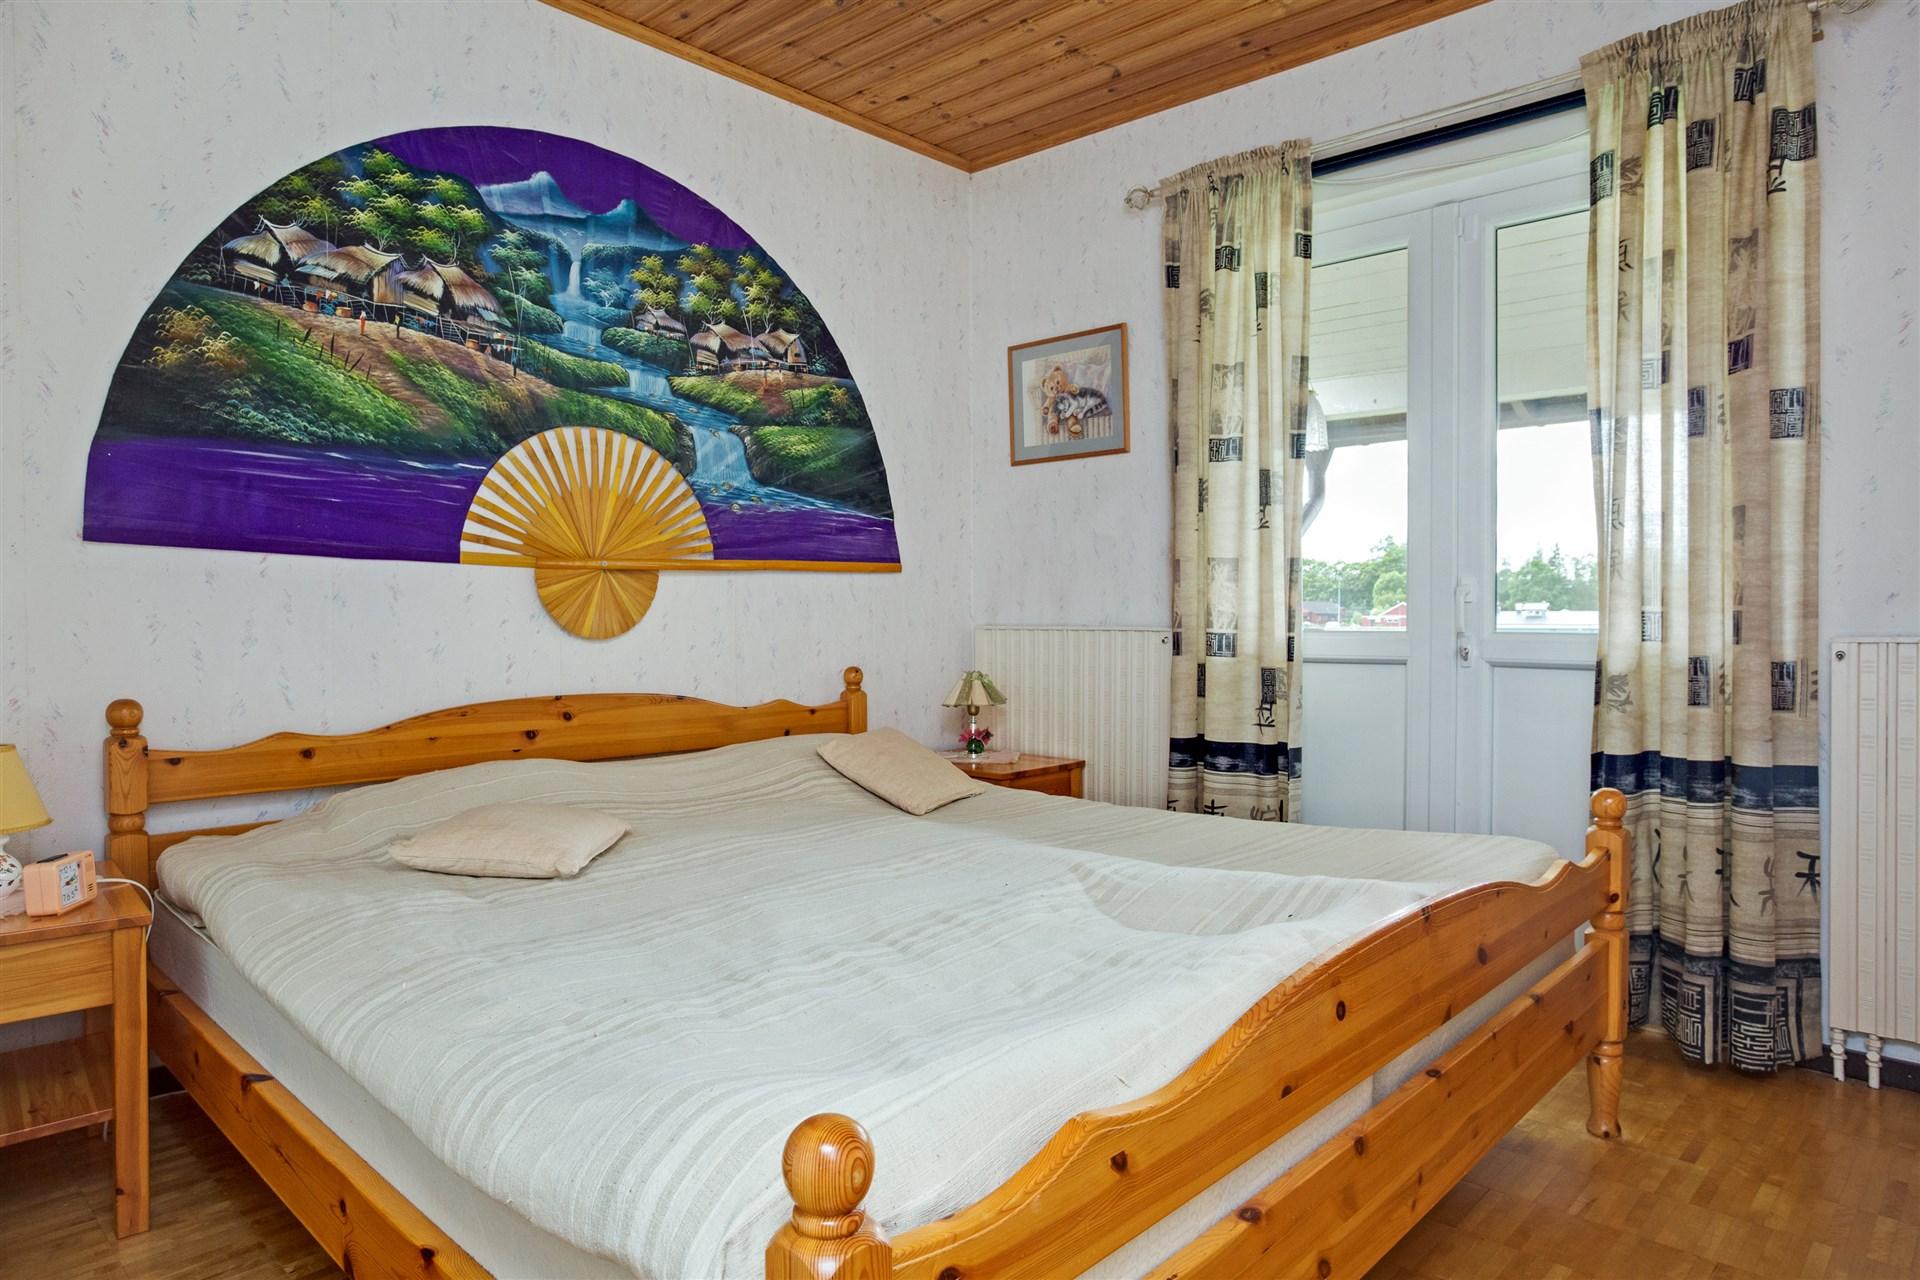 Sovrum 3 med 3 st garderober och skjutdörrar.